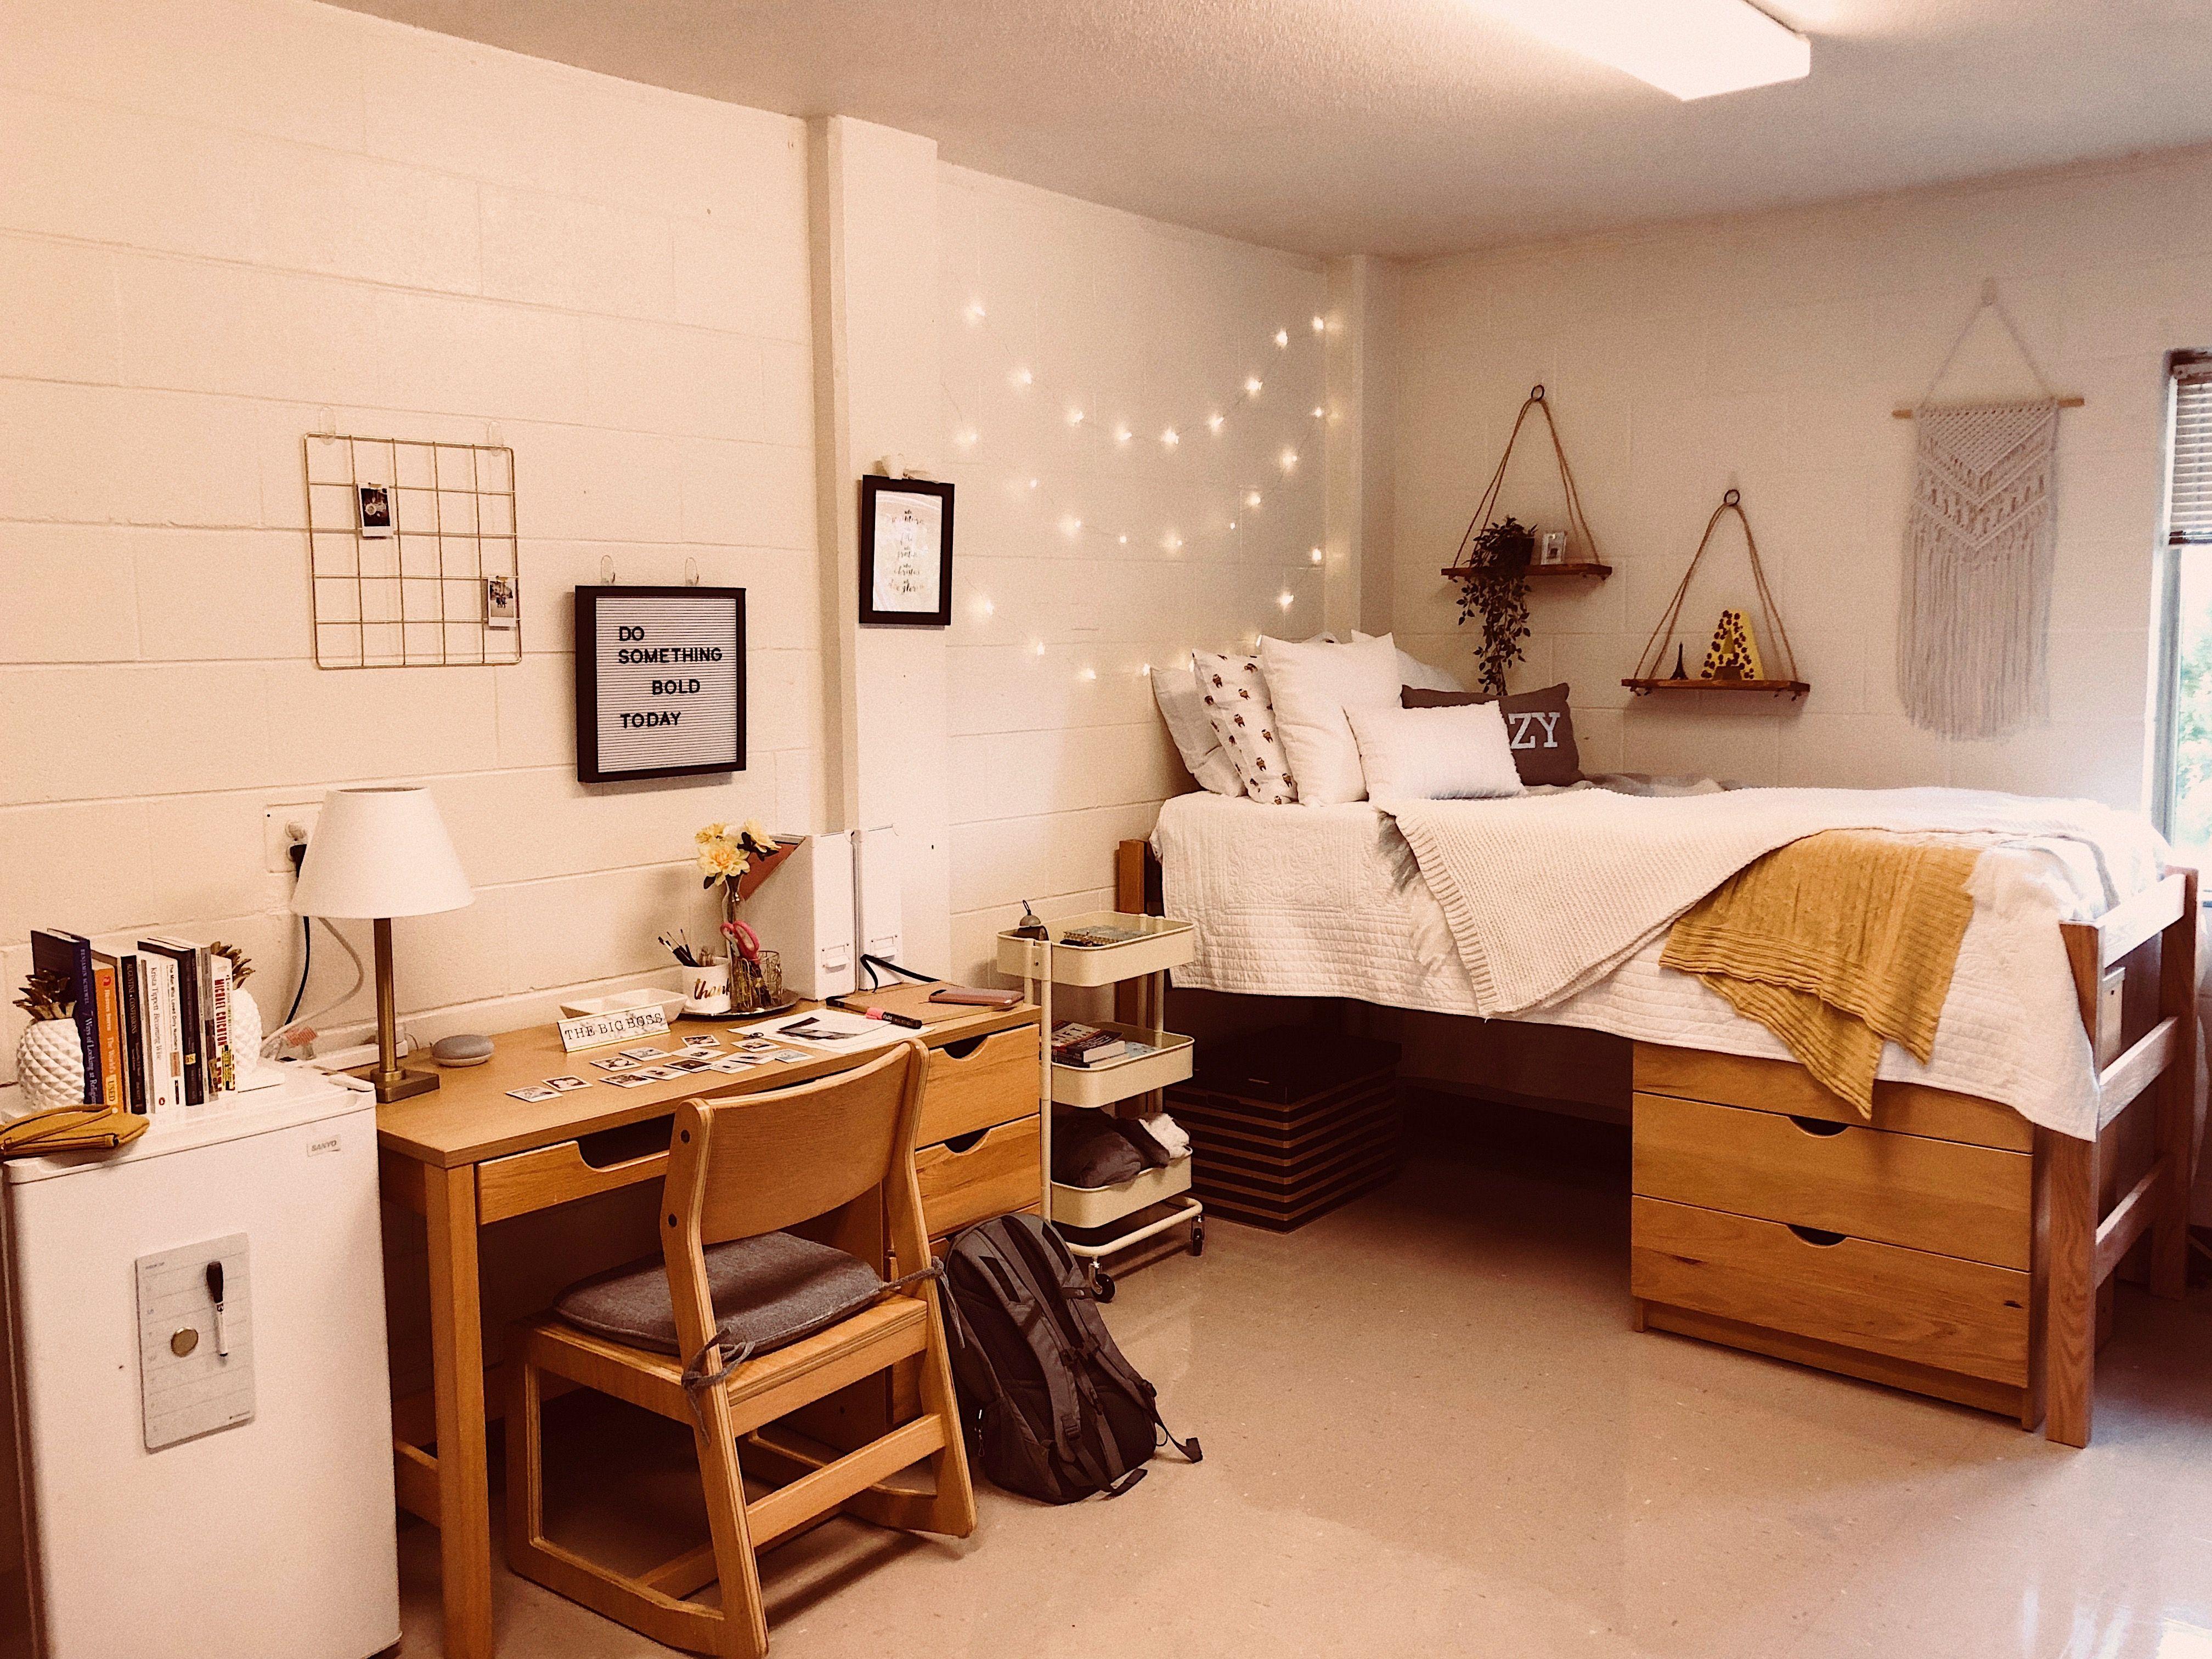 Lowered Beds Desk Next To It Dresser Under Bed College Dorm Room Decor Dorm Room Designs Dorm Room Inspiration